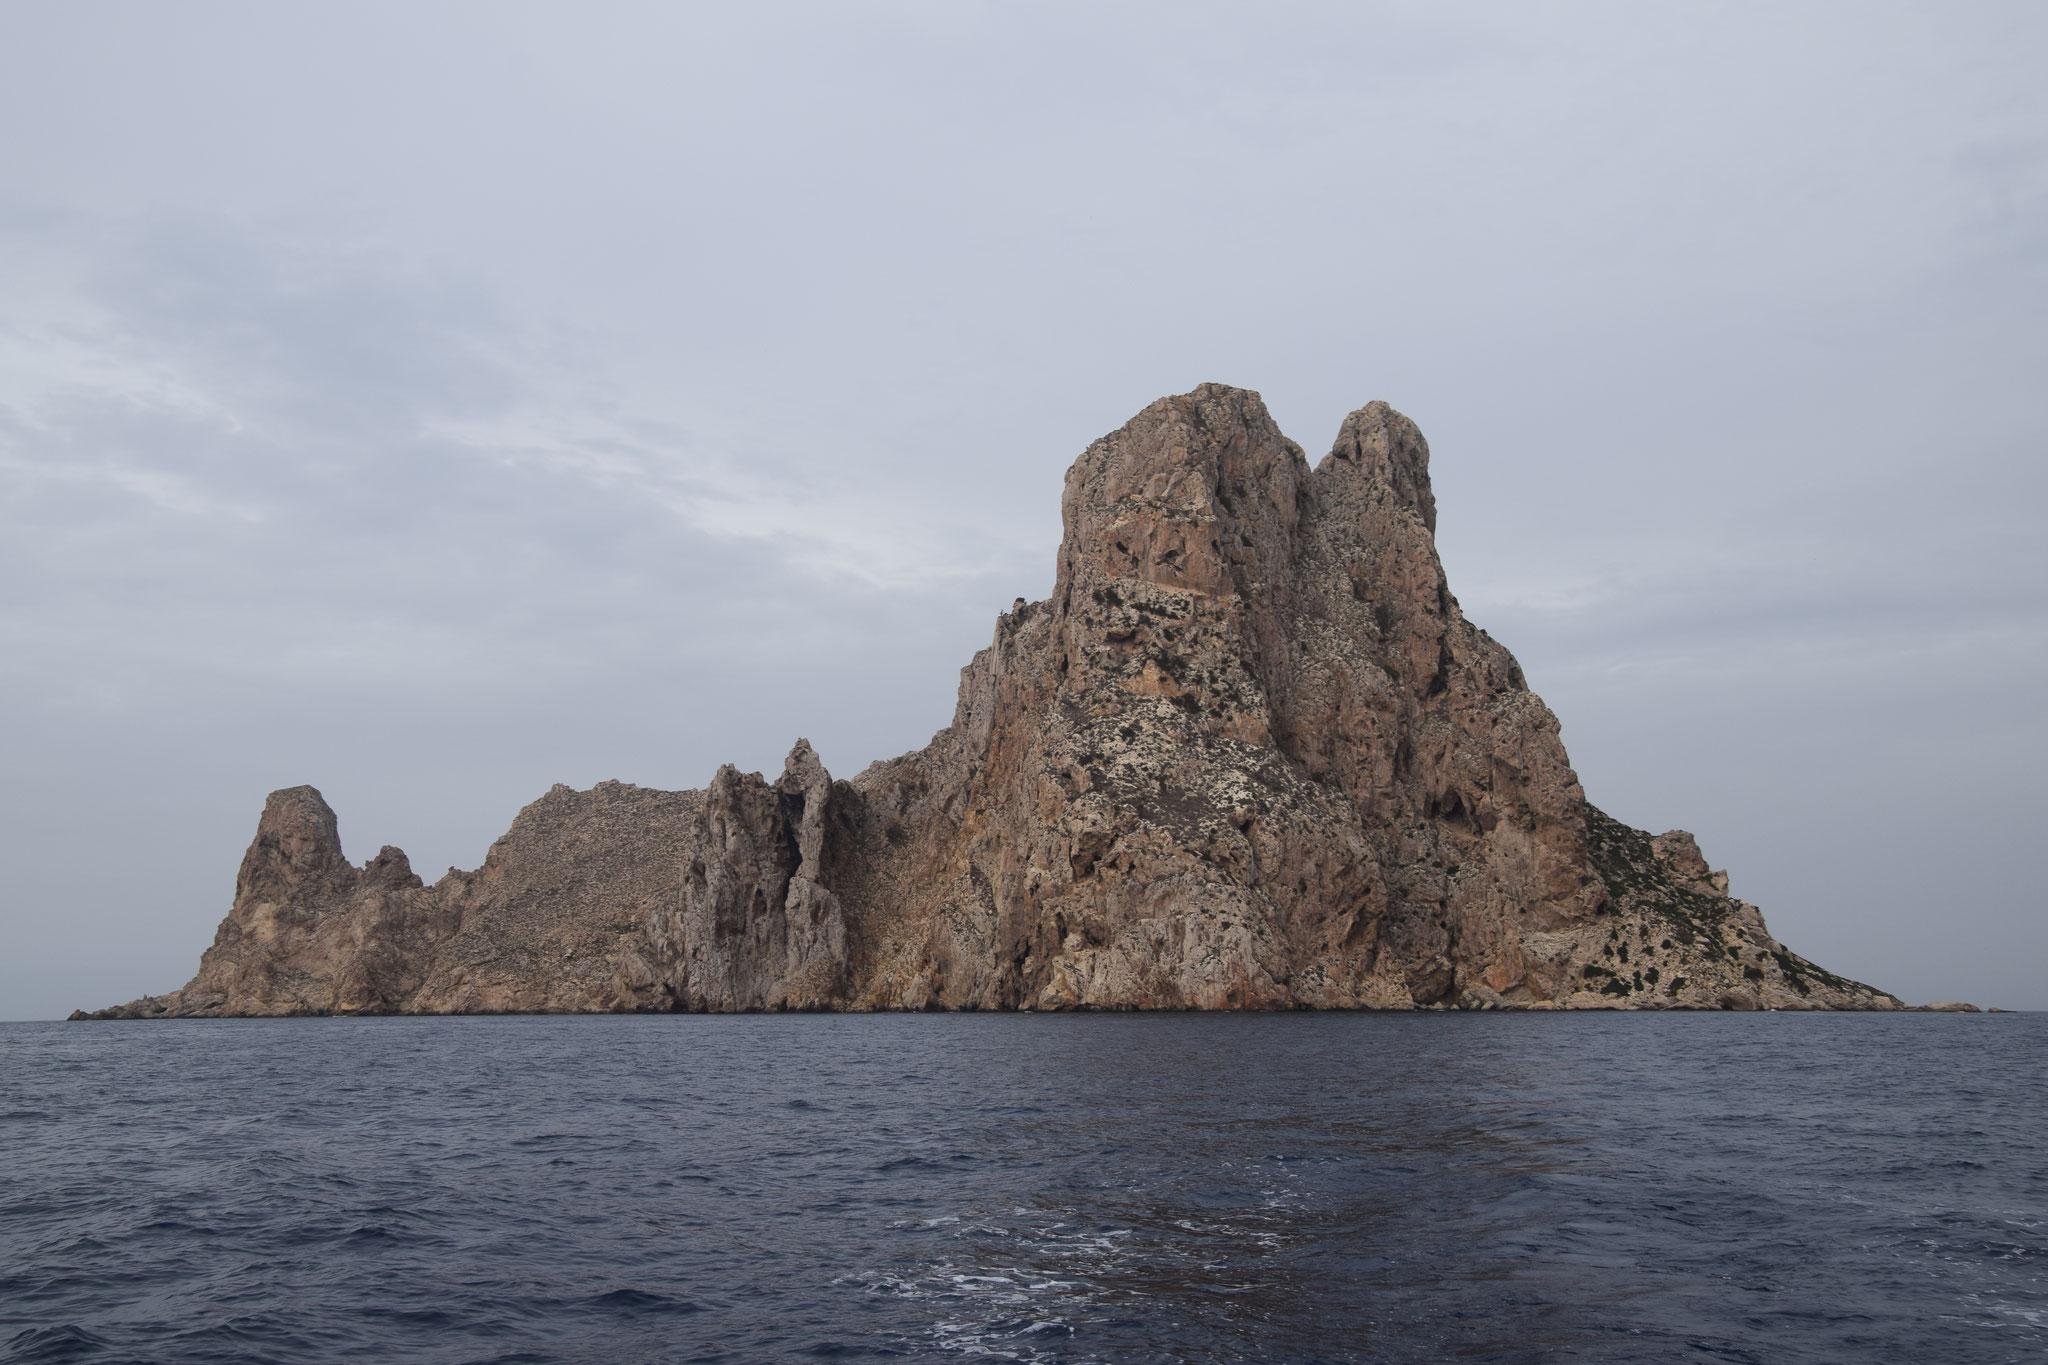 Um die Insel Es Vedrá ranken sich die Mythen:  Insel der Sirenen oder Reste der versunkenen Stadt Atlantis, UFO-Basis...